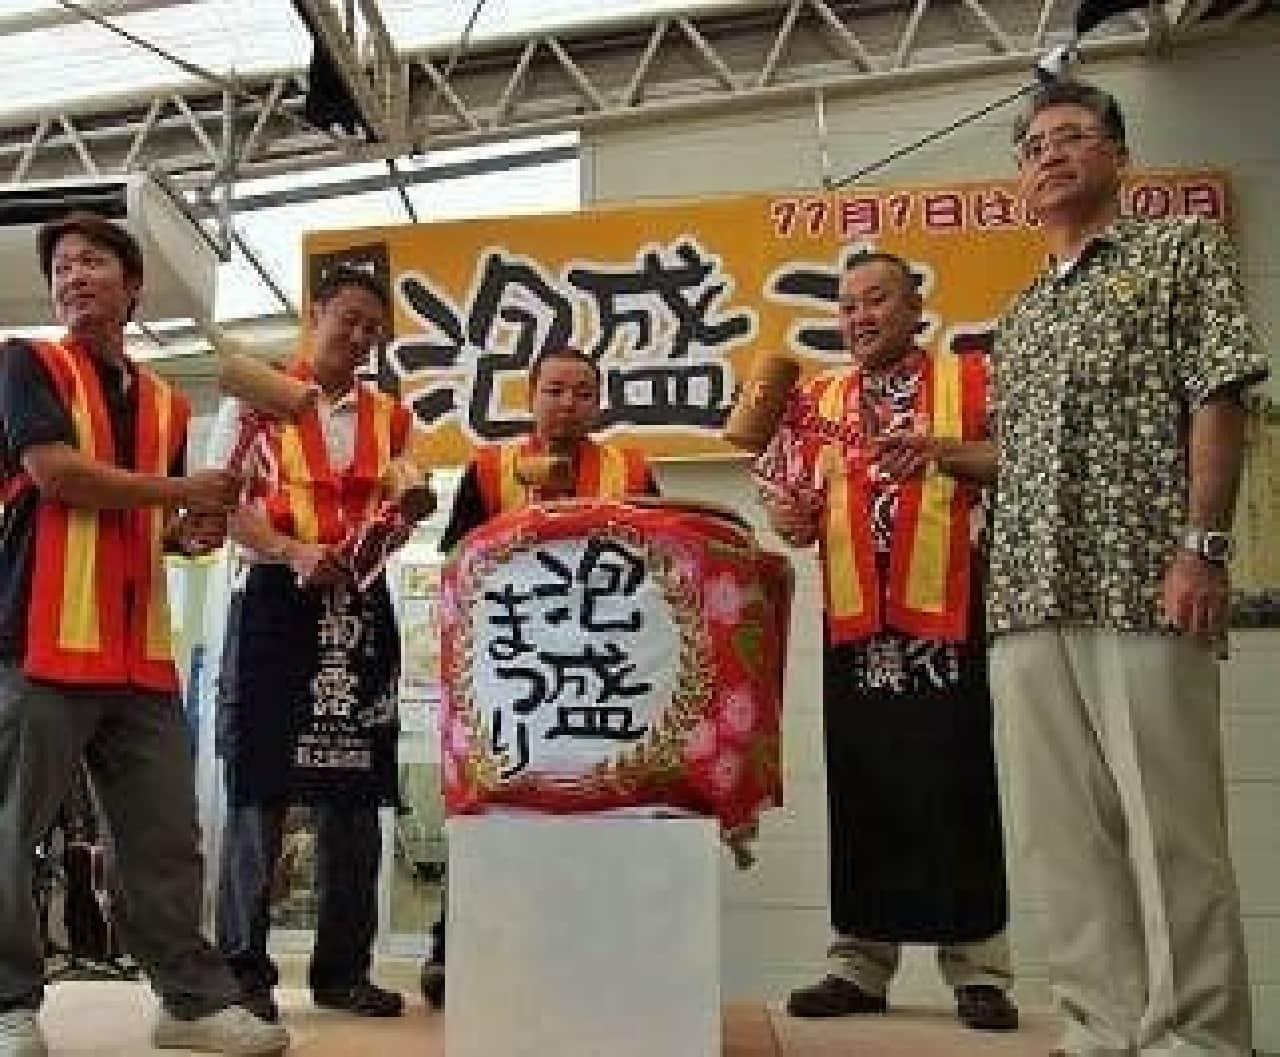 宮古島の泡盛を楽しめる「泡盛祭り」、今年も